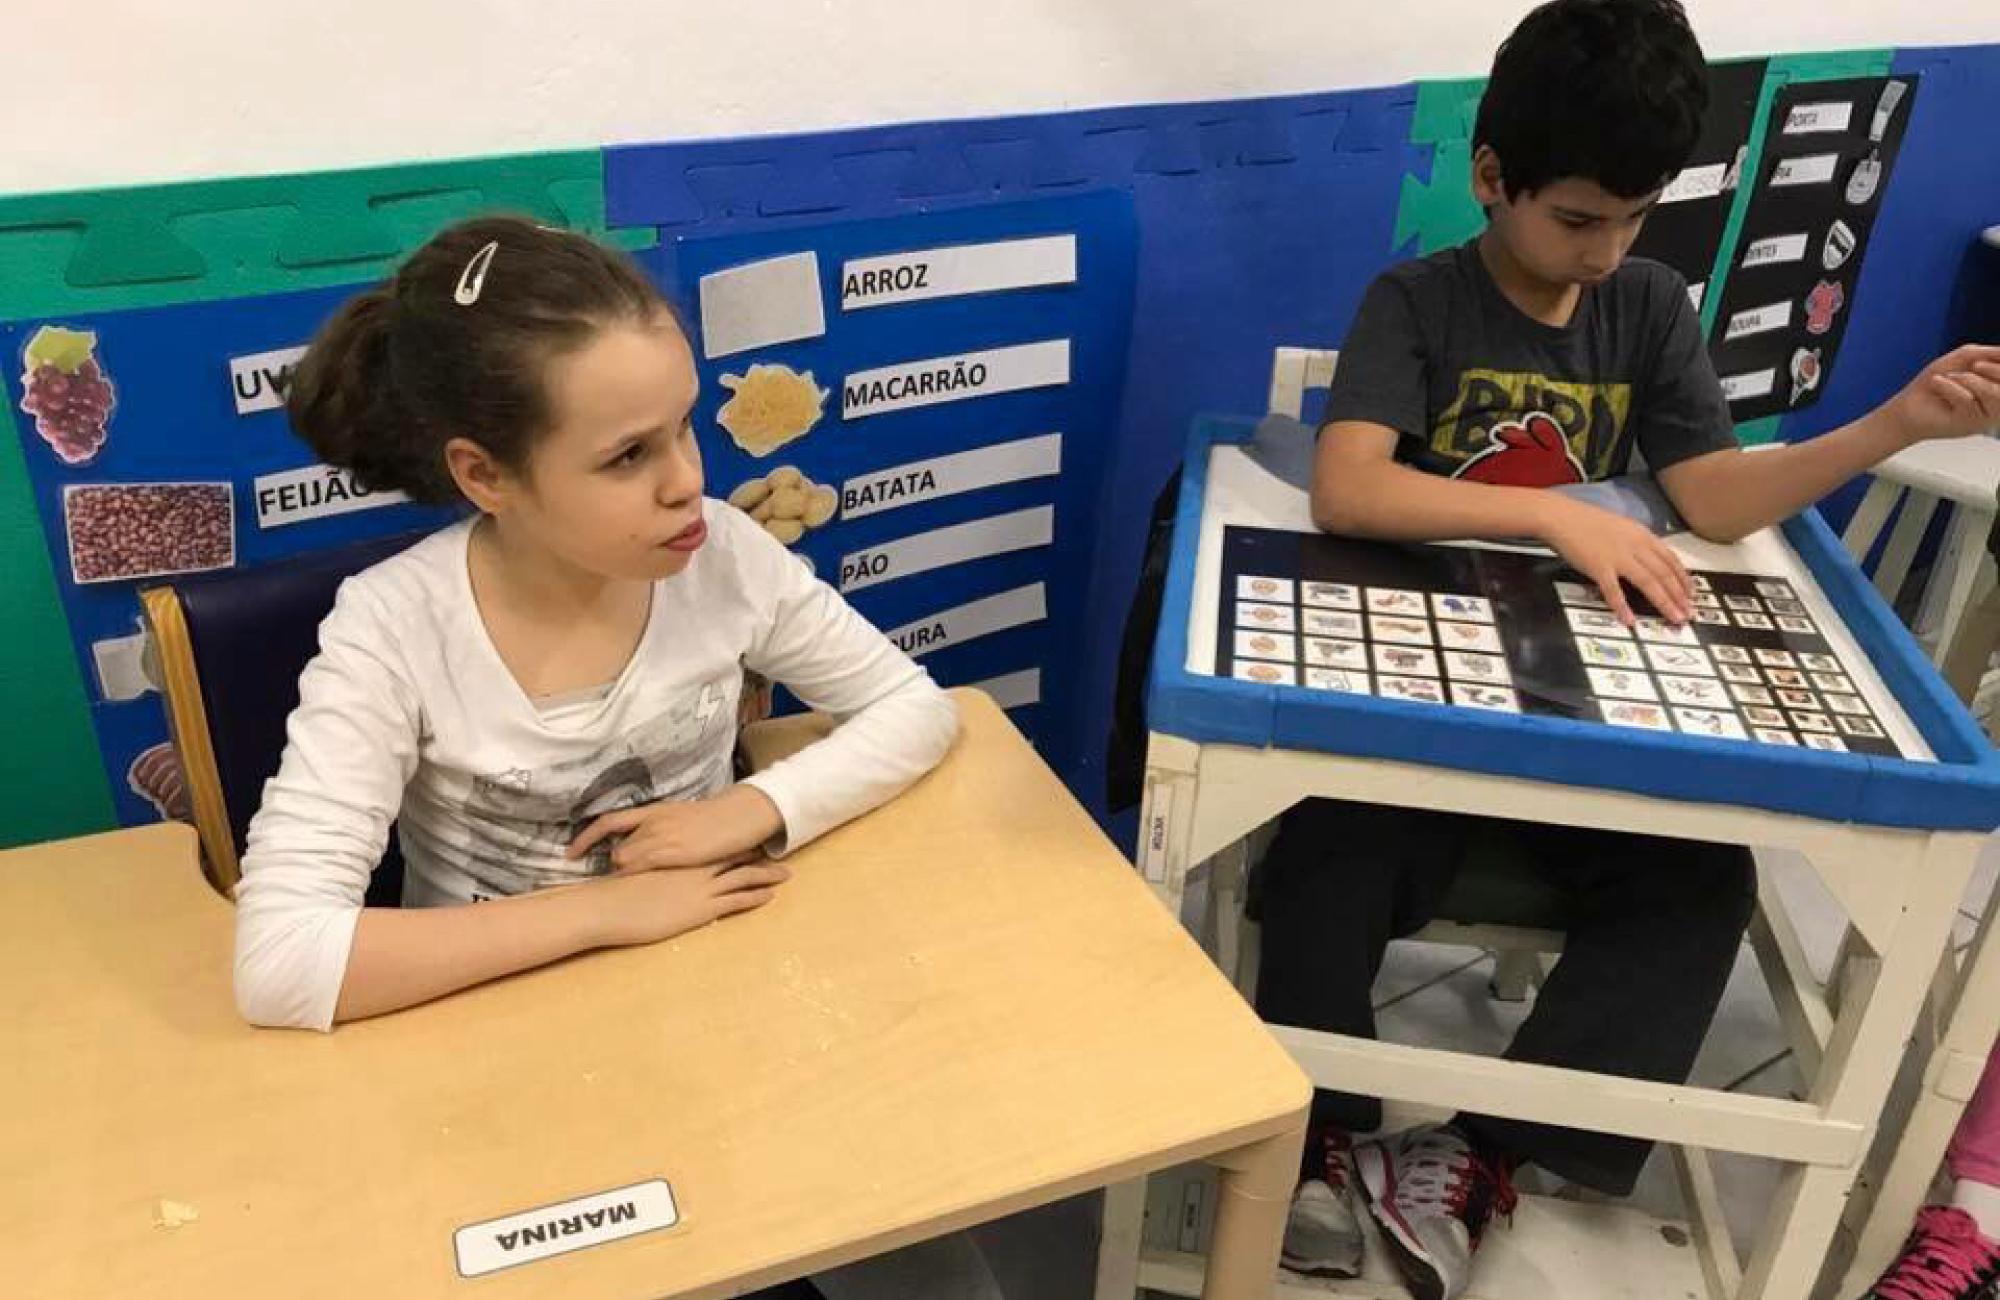 duas crianças sentadas em uma mesa escolar adaptada dentro de uma sala de aula